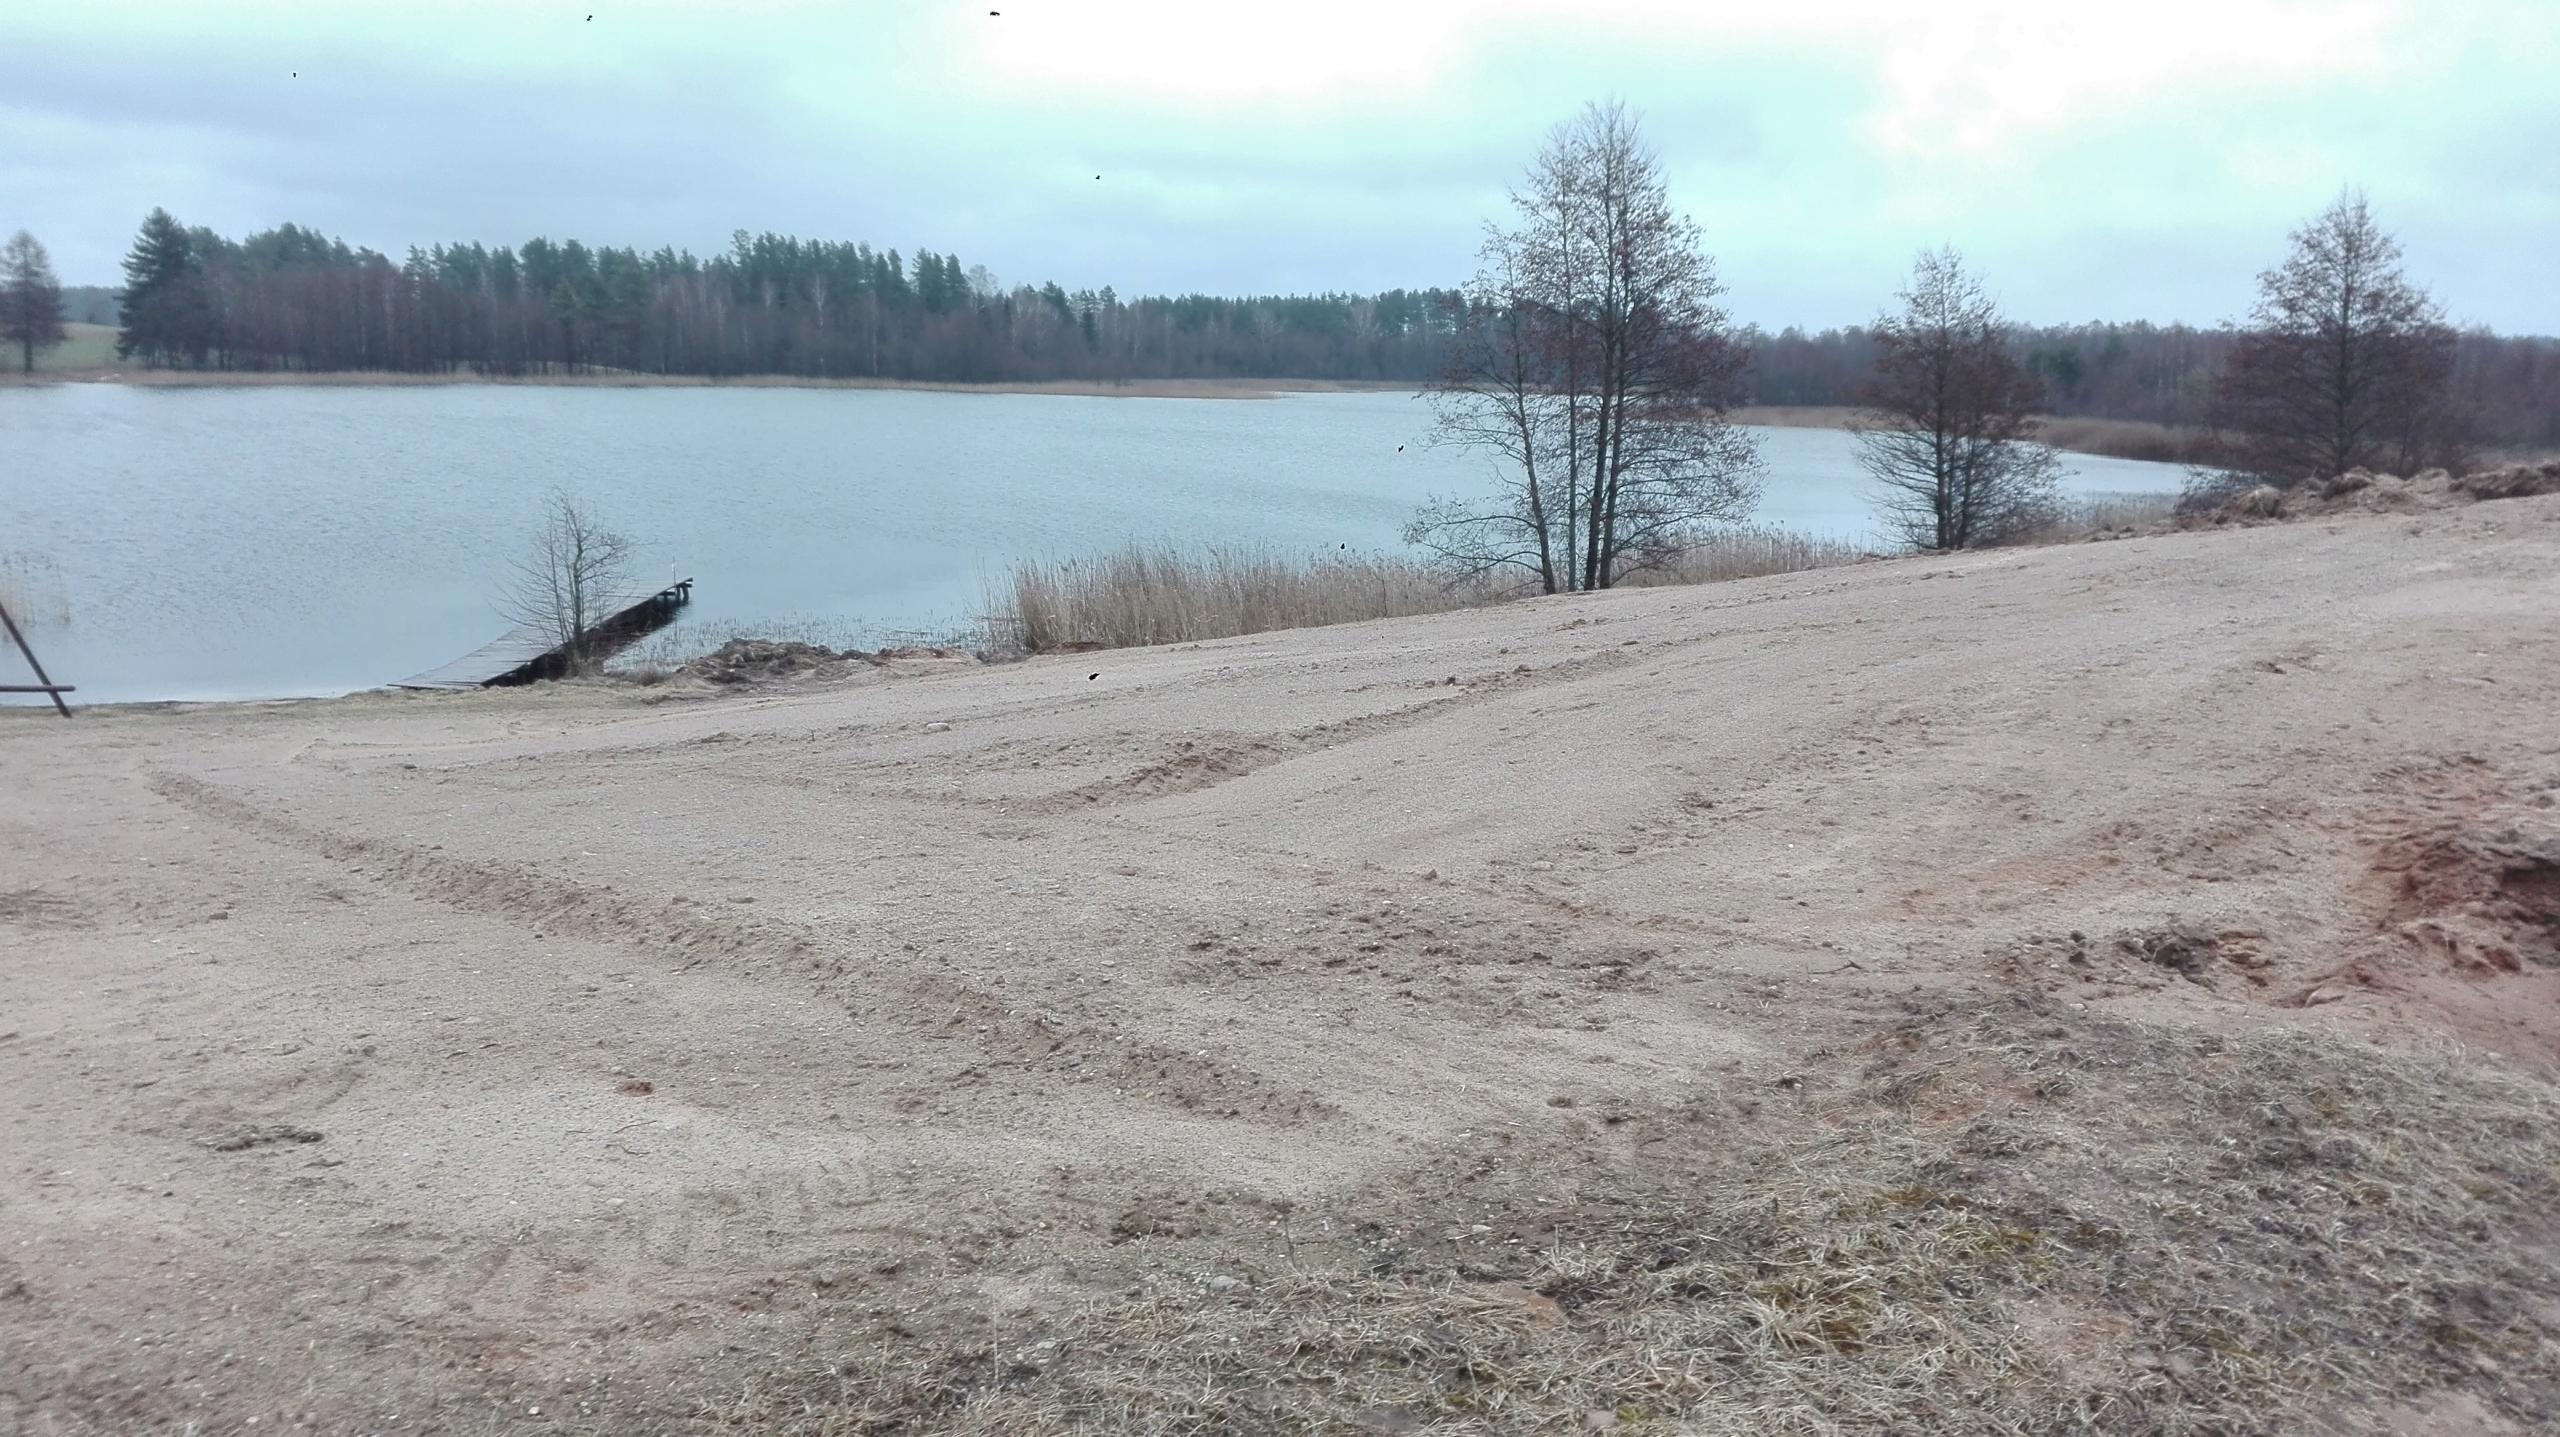 Działka Rolna Nad Jeziorem 1500 m2